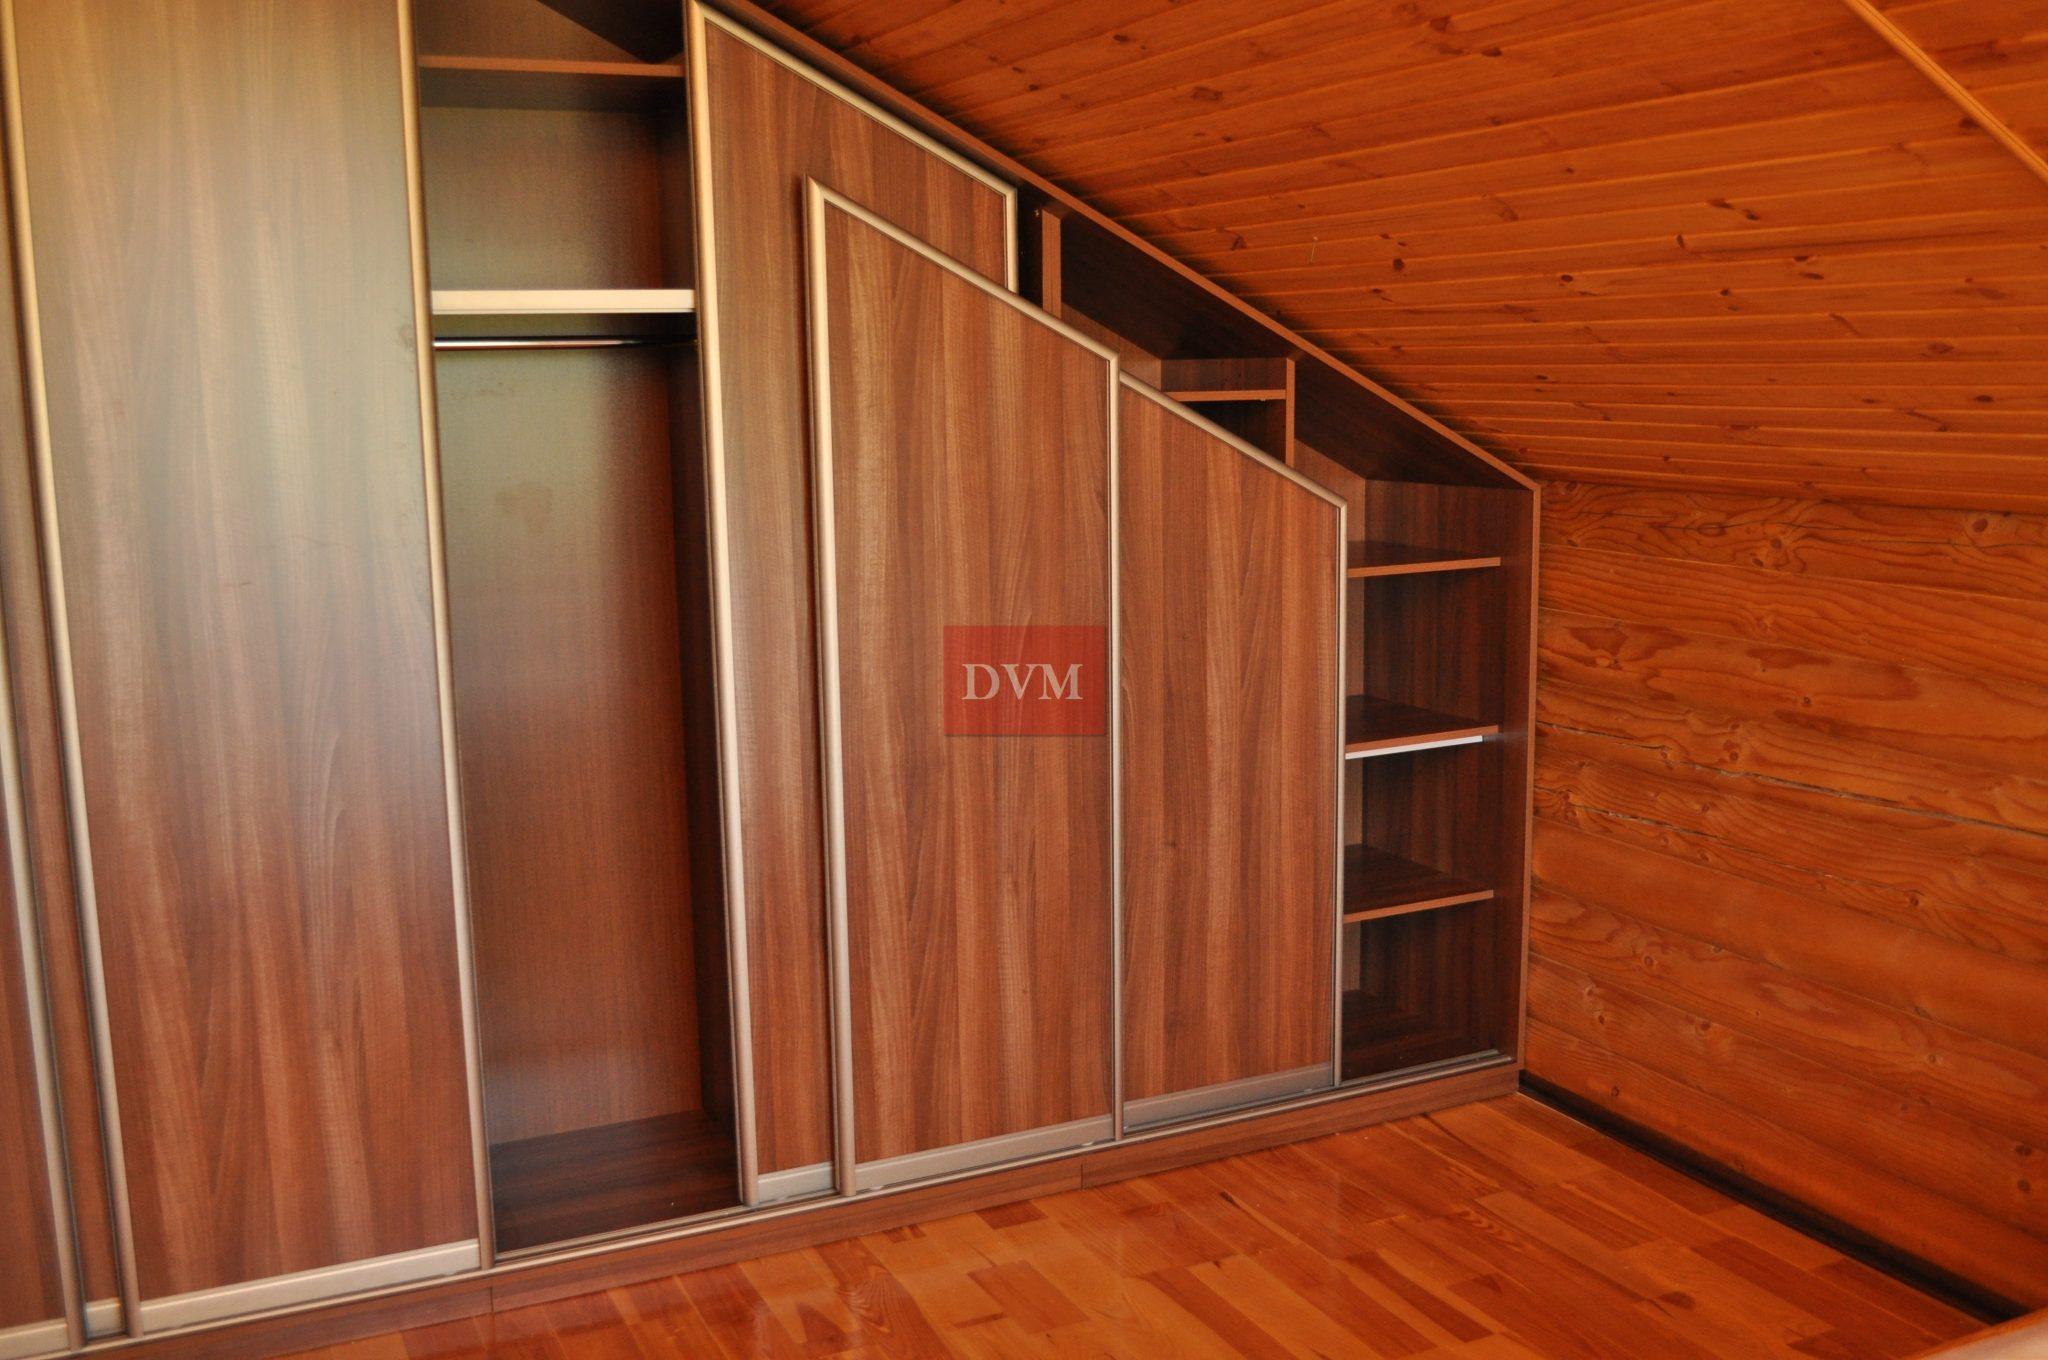 Деревянная мебель на заказ dvm interior.